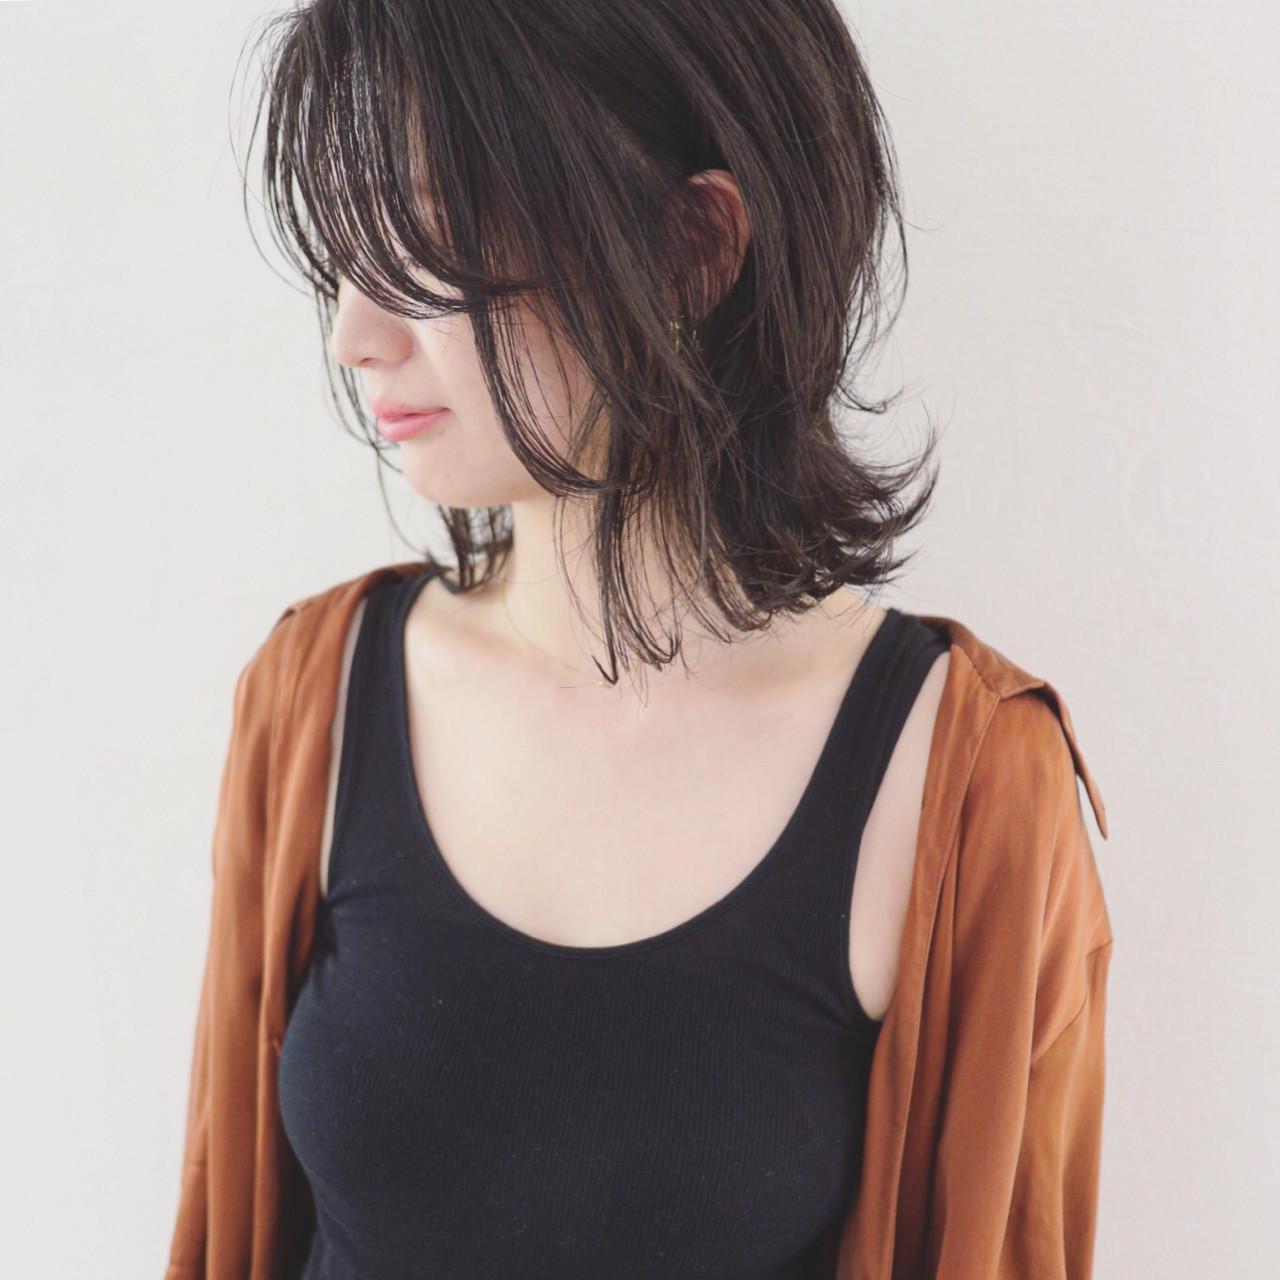 ナチュラルな外ハネ黒髪ボブ 三好 佳奈美  Baco.(バコ)